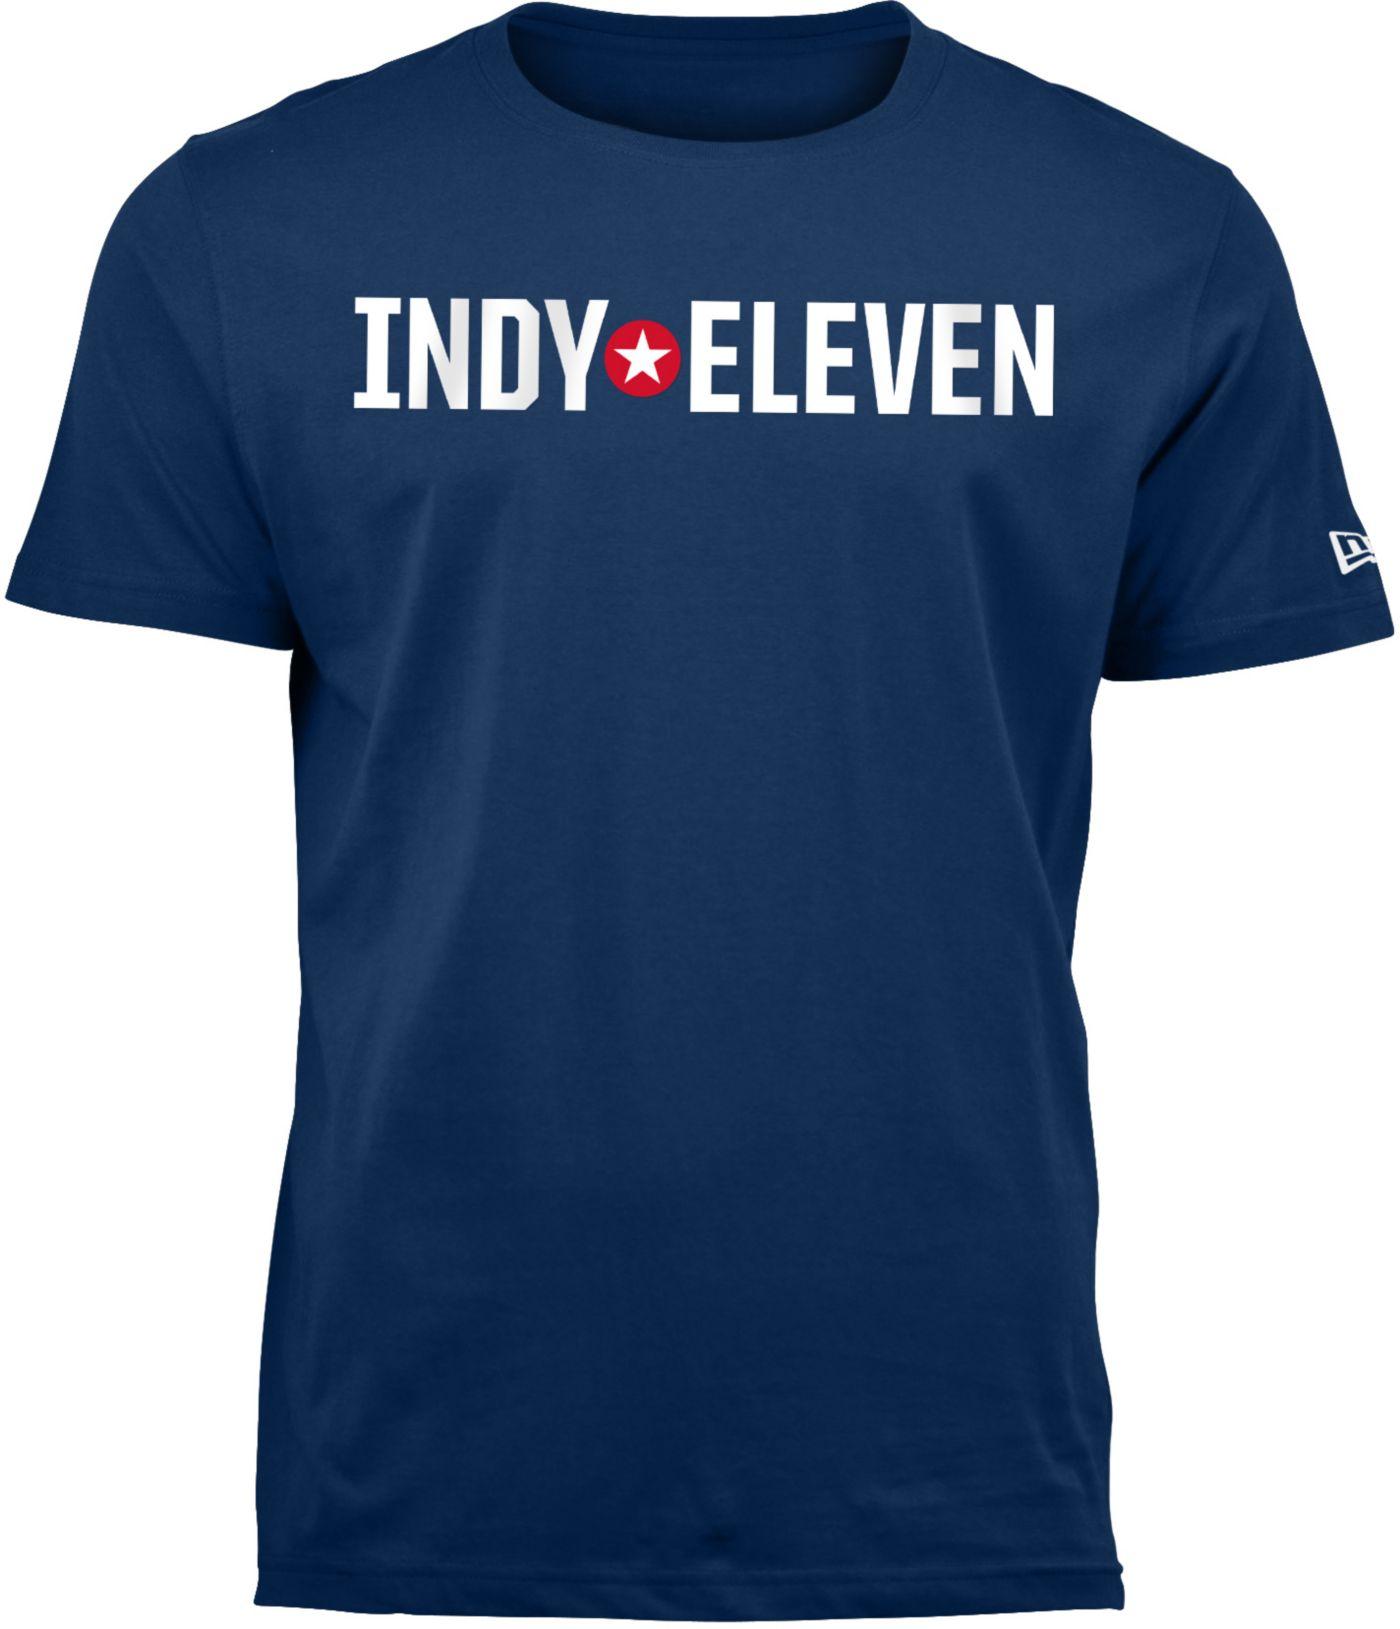 New Era Men's Indy Eleven Wordmark Navy T-Shirt